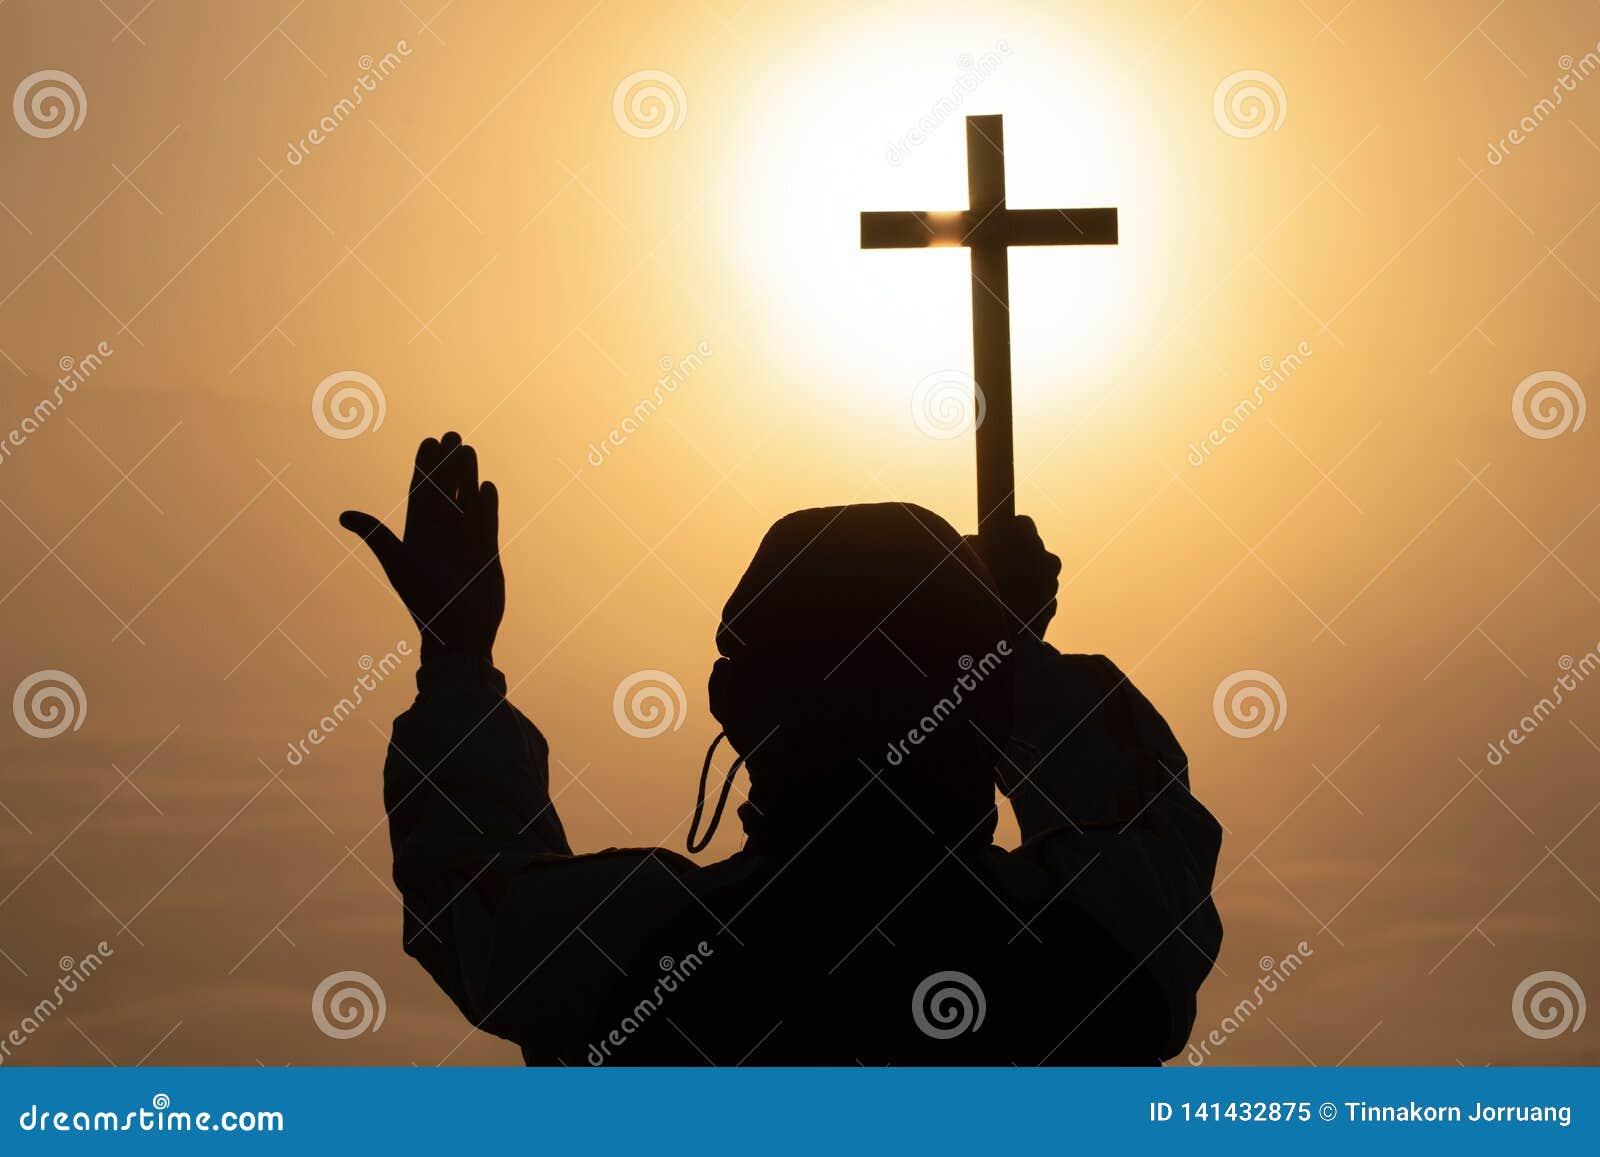 Kontur av den kristna mannen som rymmer ett kors, kors i händer som ber för välsignelsen från gud på solljusbakgrund, hoppbegrepp